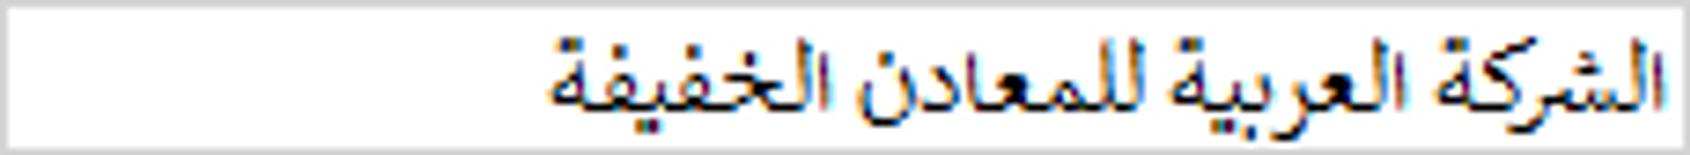 الشركة العربية للمعادن الخفيفة1